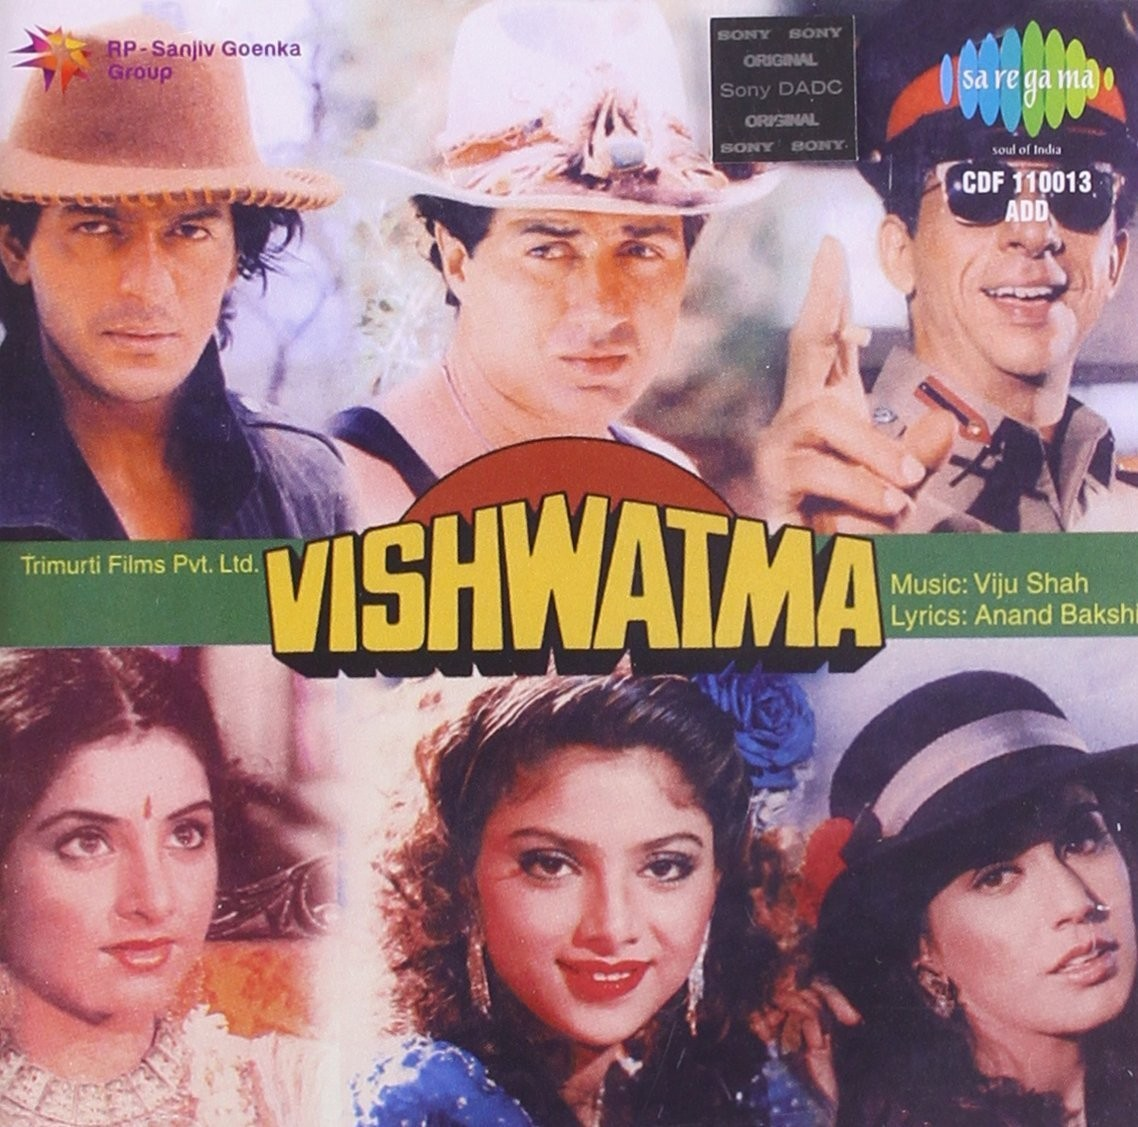 Saat Samundar Paar Baaghi 2 Song Download: Vishwatma Soundtrack (Anand Bakshi, Viju